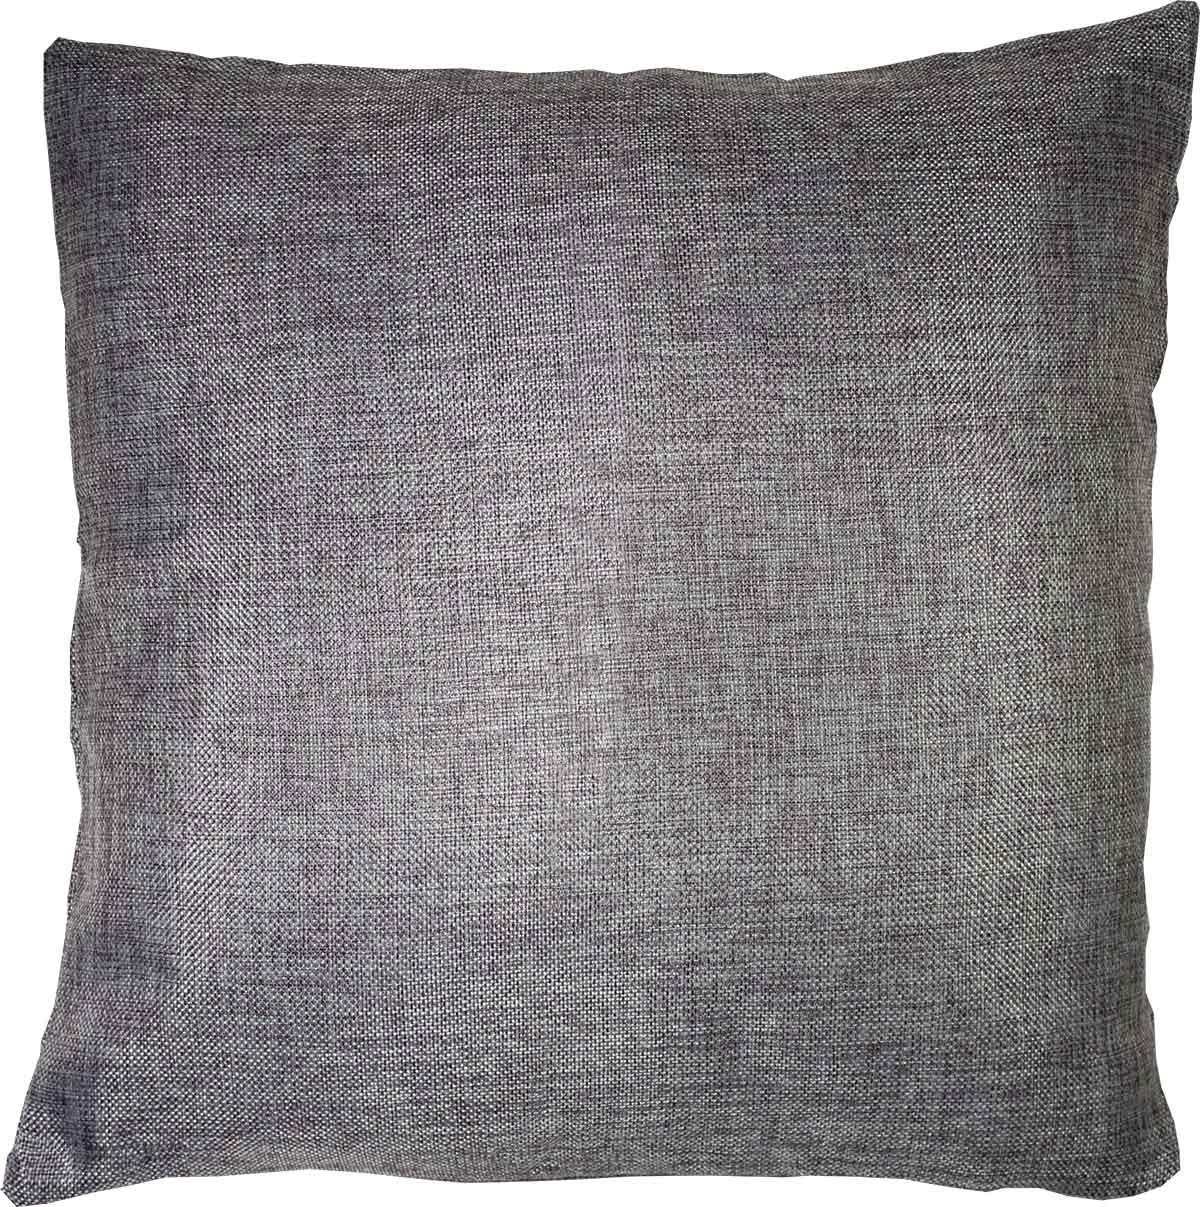 coussin d houssable effet chin vison vieux rose bleu canard turquoise beige. Black Bedroom Furniture Sets. Home Design Ideas